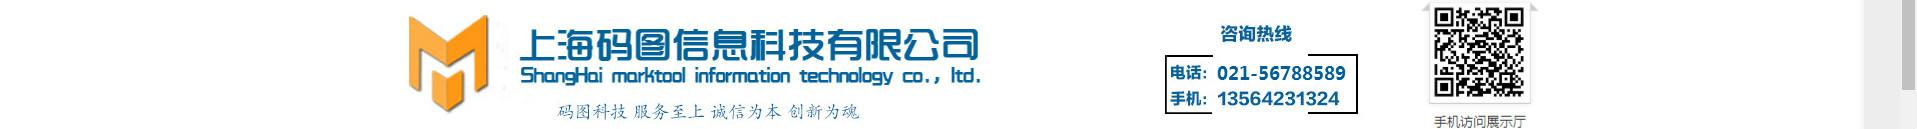 上海码图信息科技有限公司